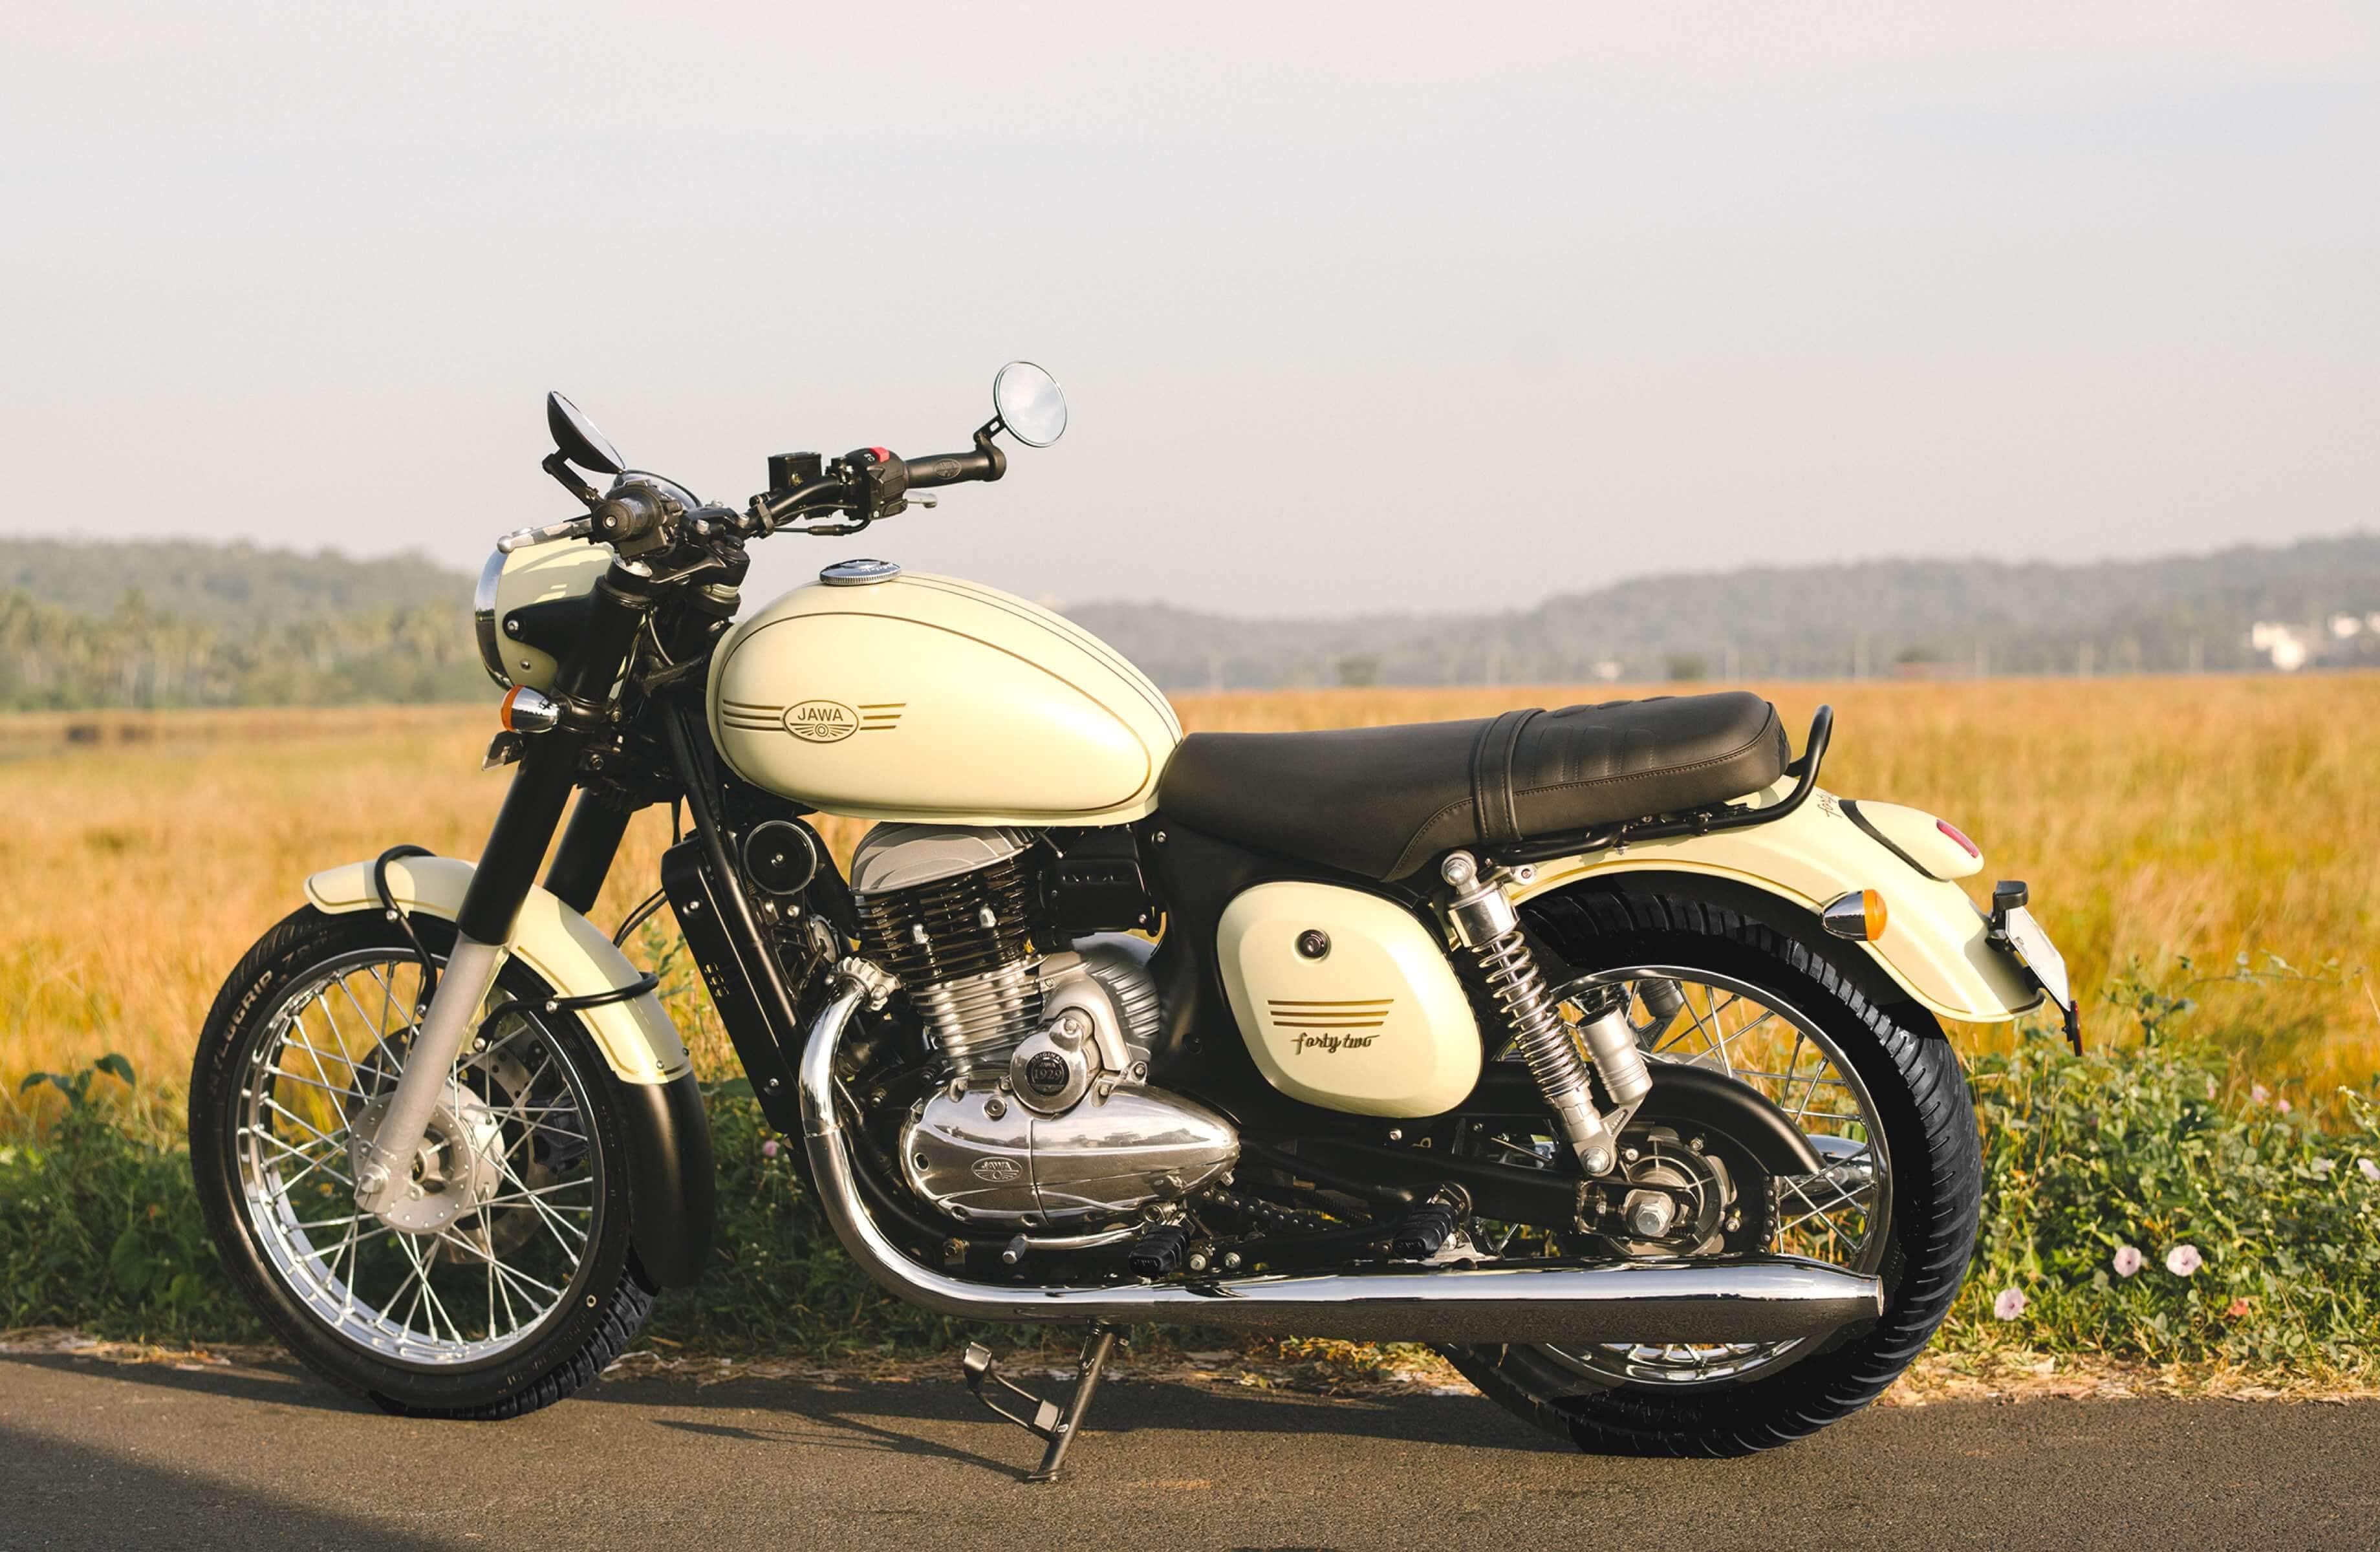 Jawa Motorcycle: Design